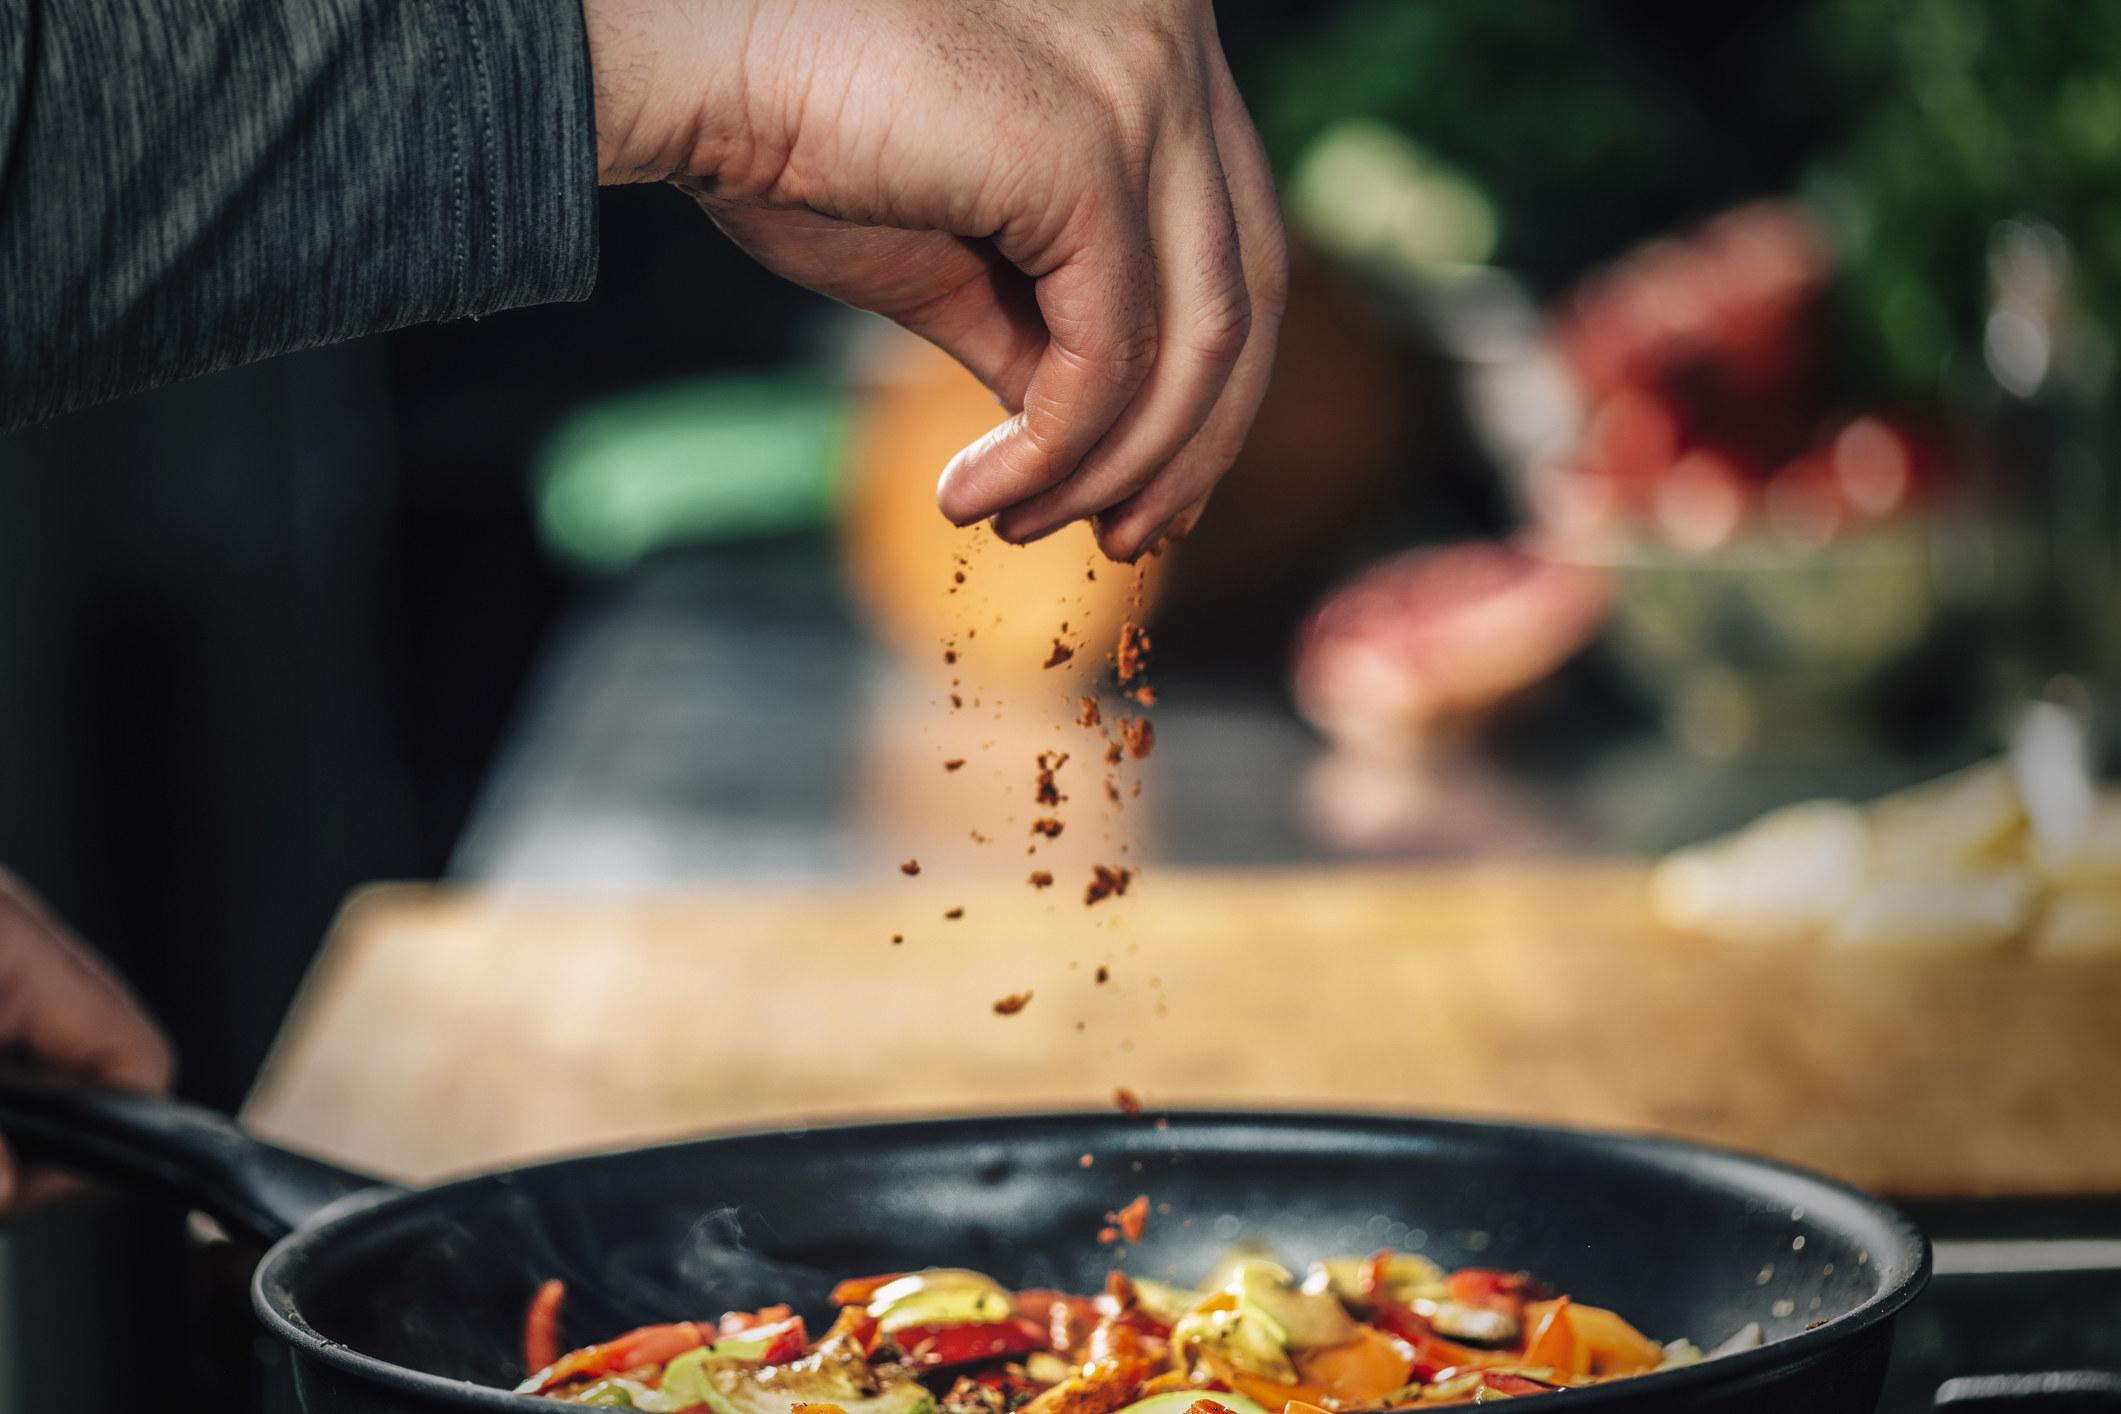 Sprinkling paprika over vegetables.